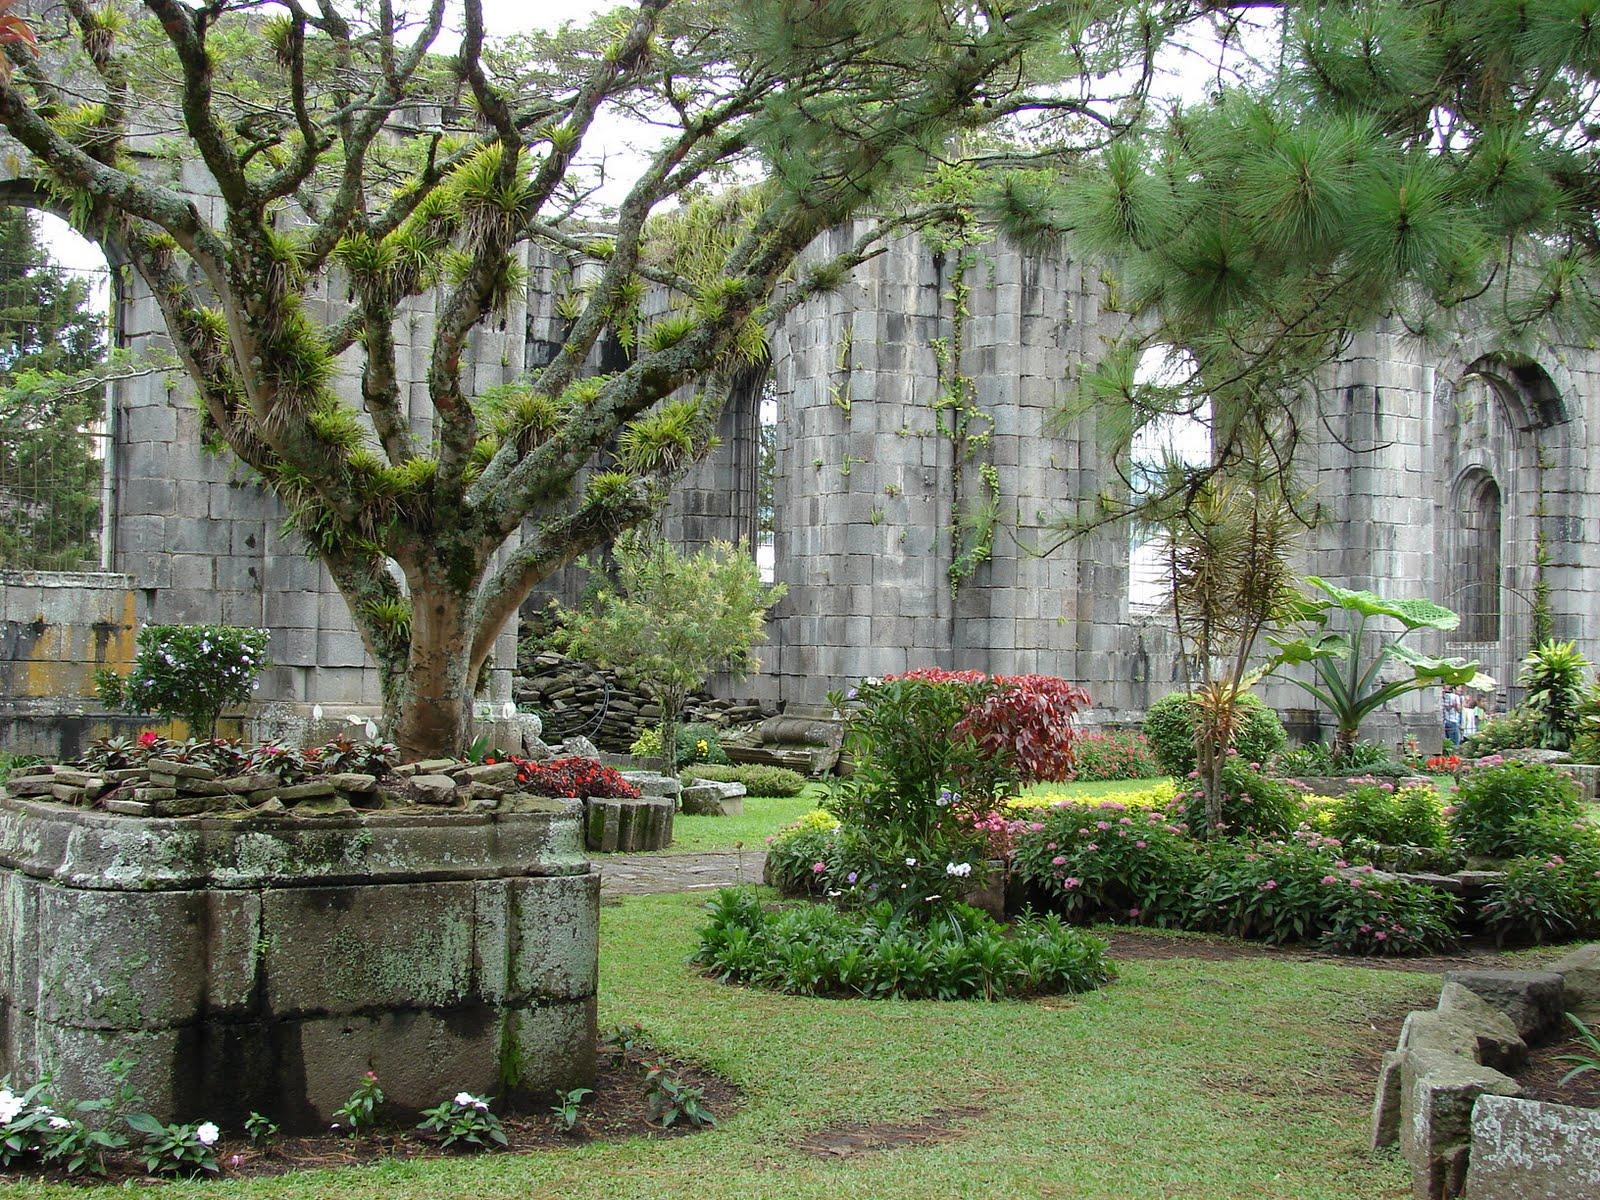 Paisajismo pueblos y jardines jardines en las ruinas de for Jardines costa rica